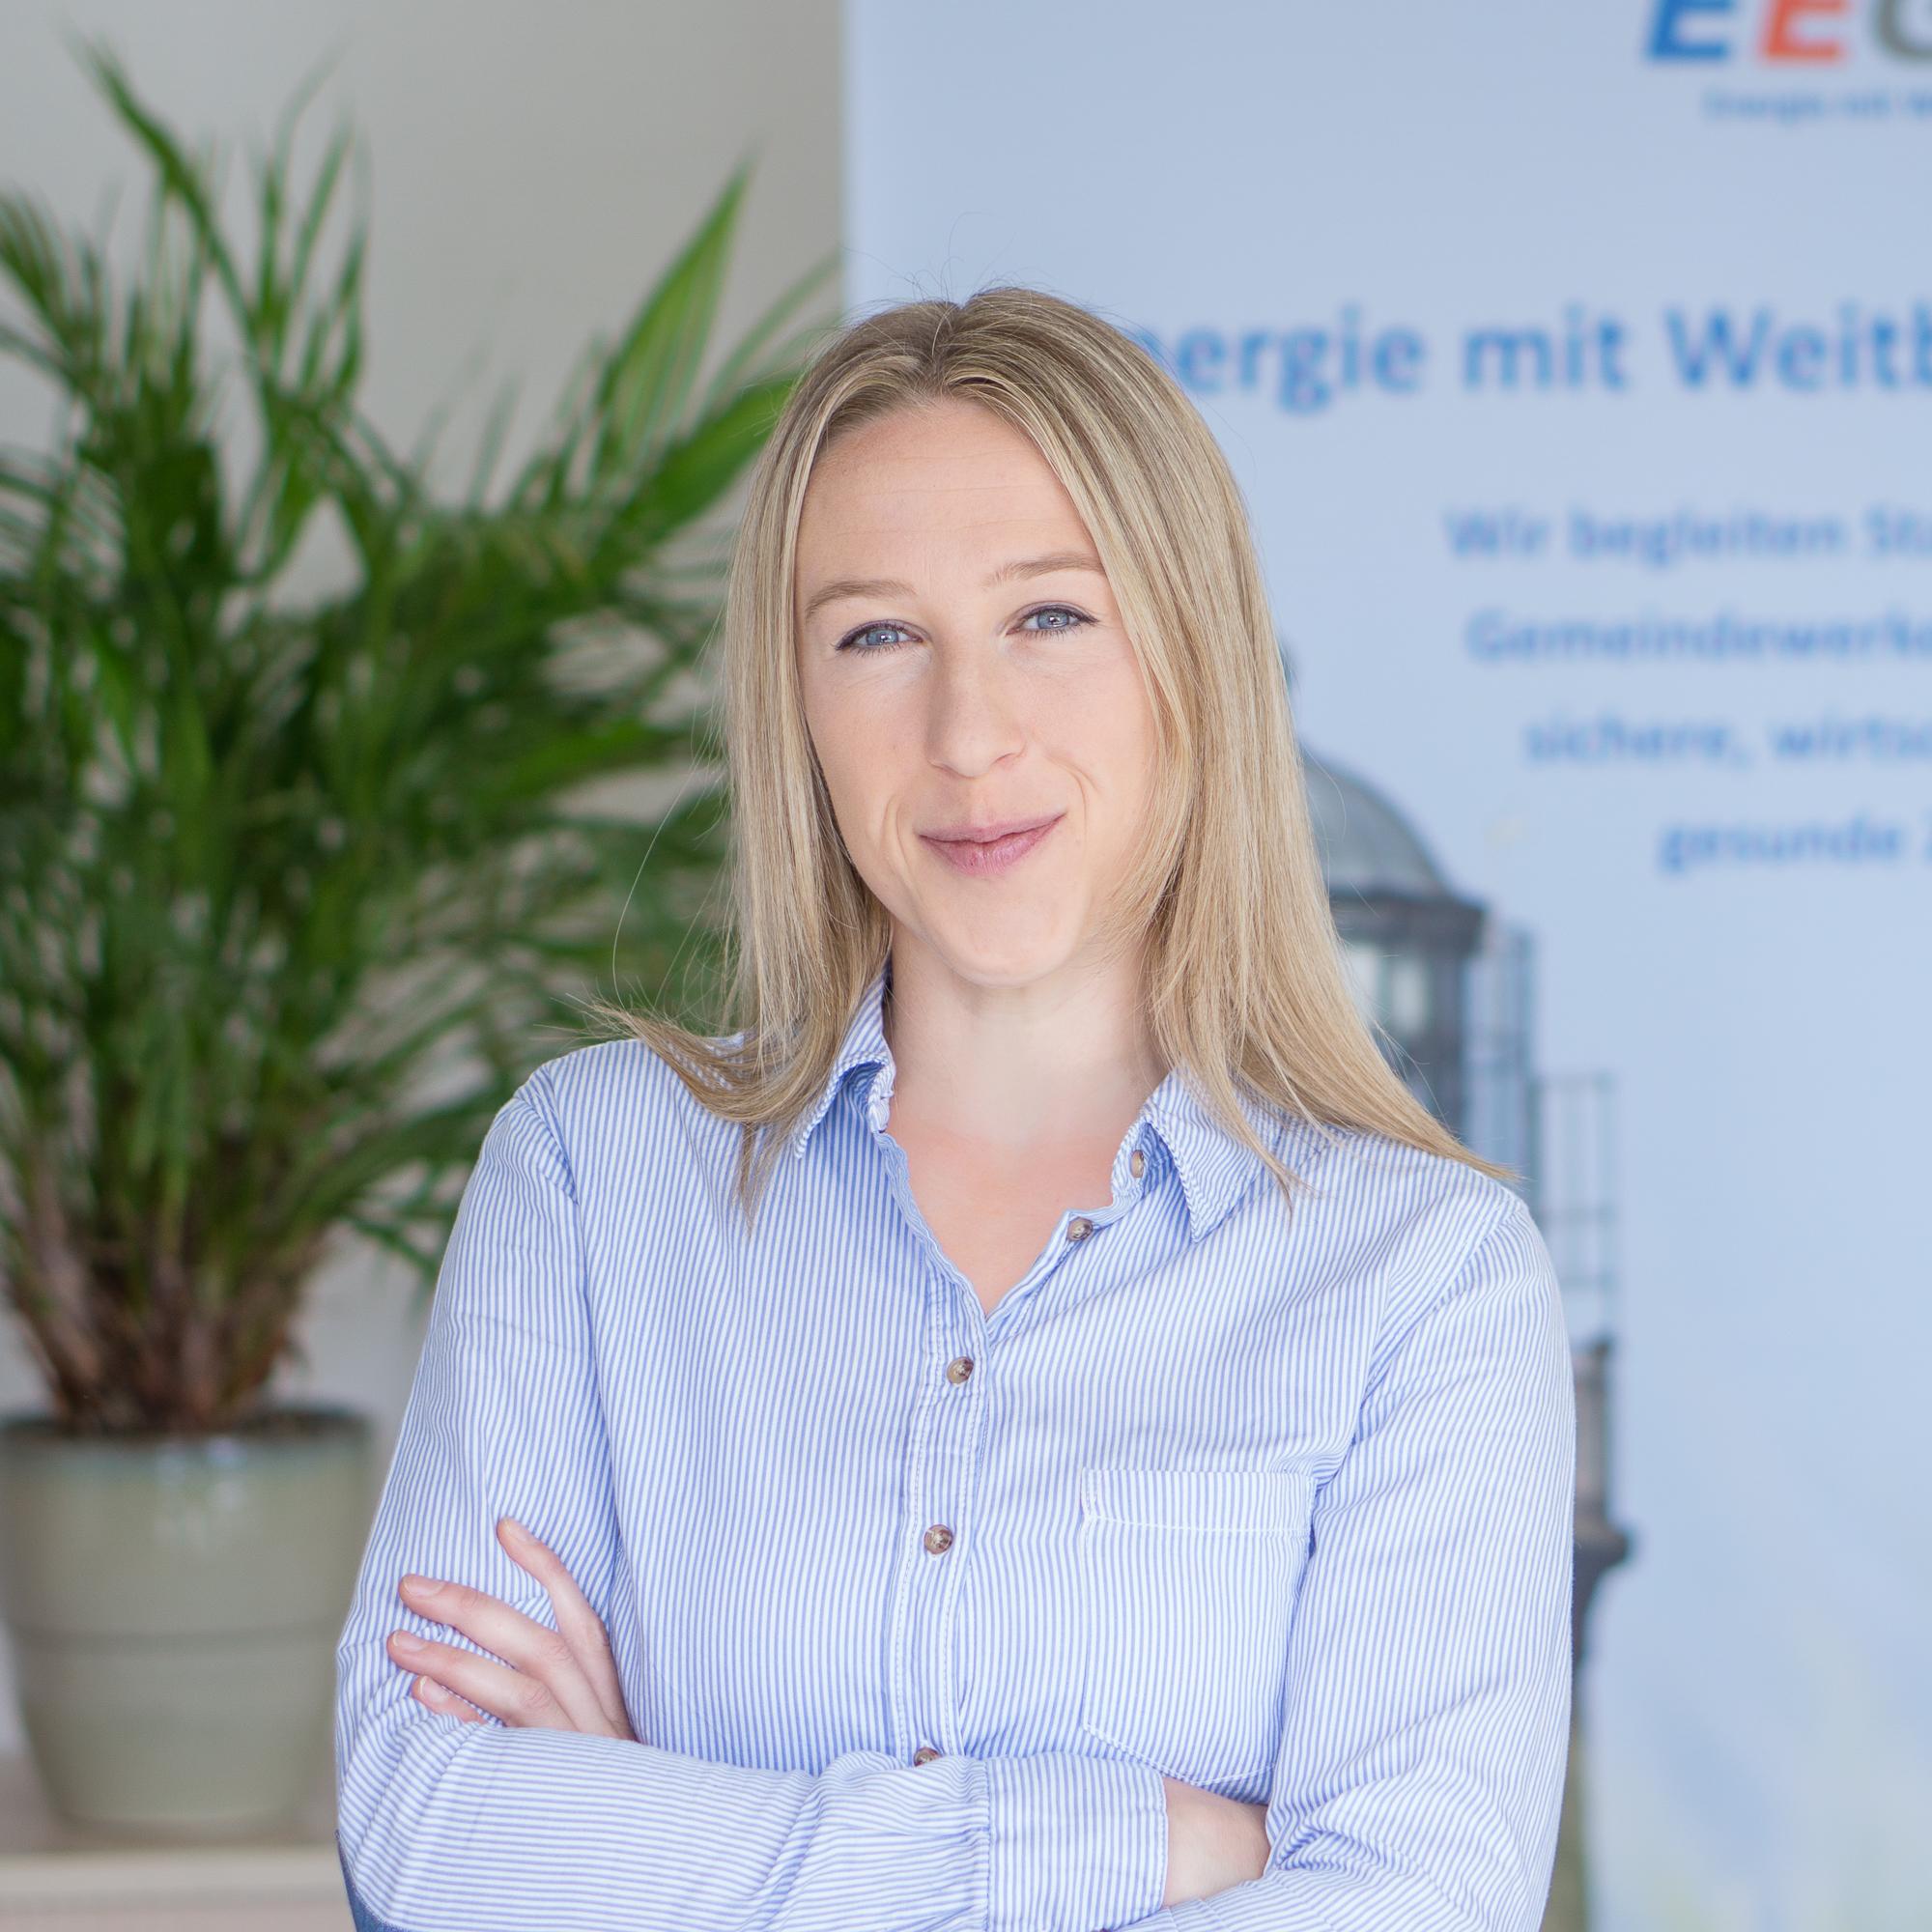 Sonja von Possel